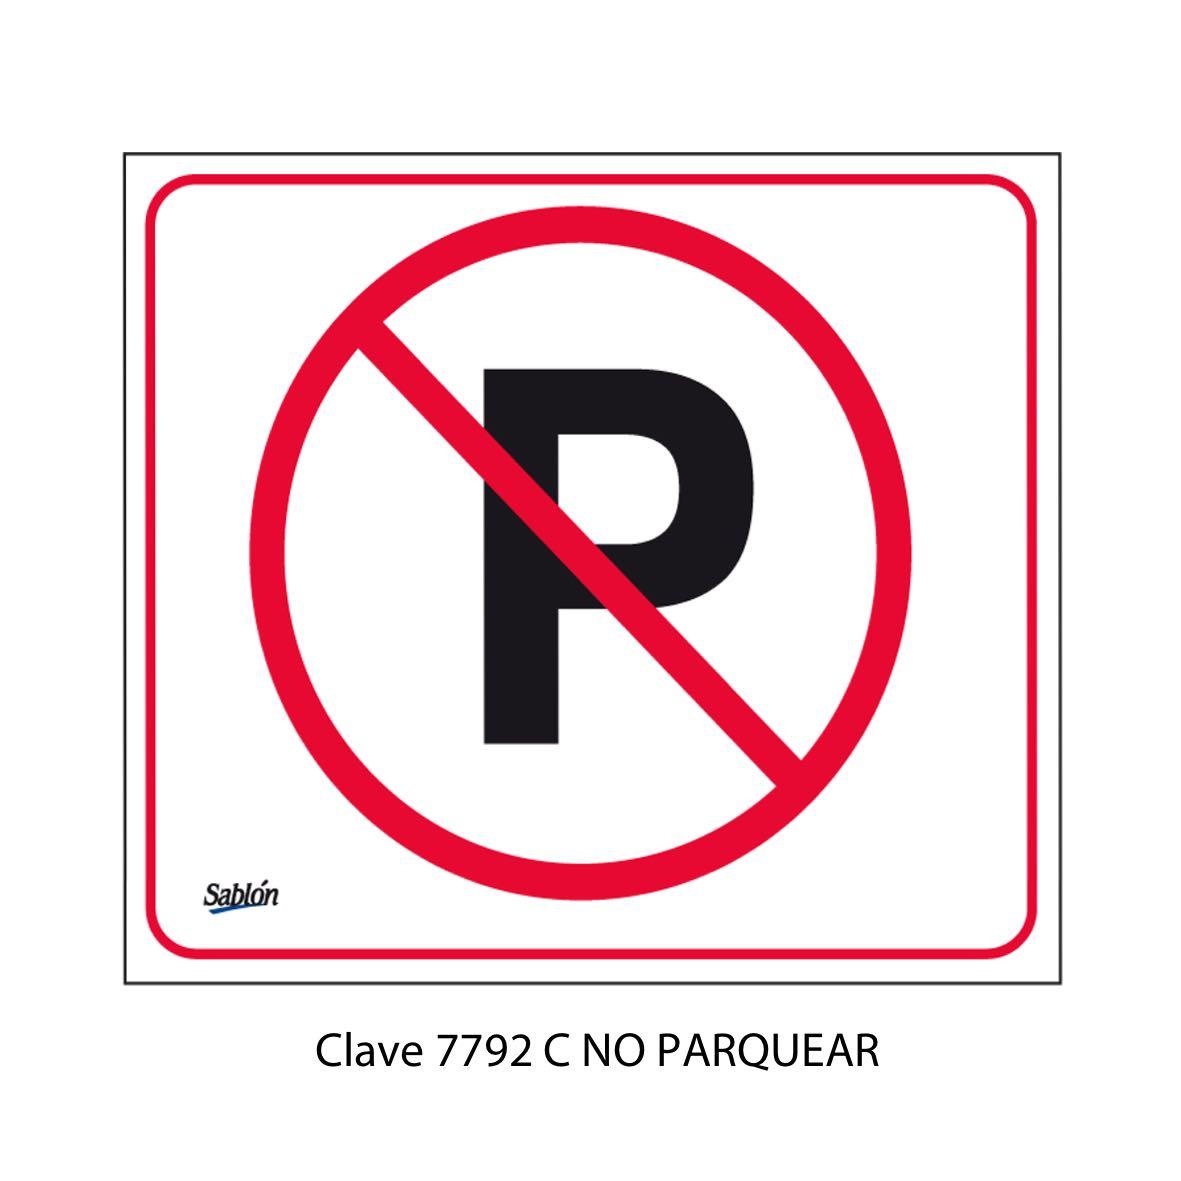 Señal No Parquear Modelo 7792 C - Sablón